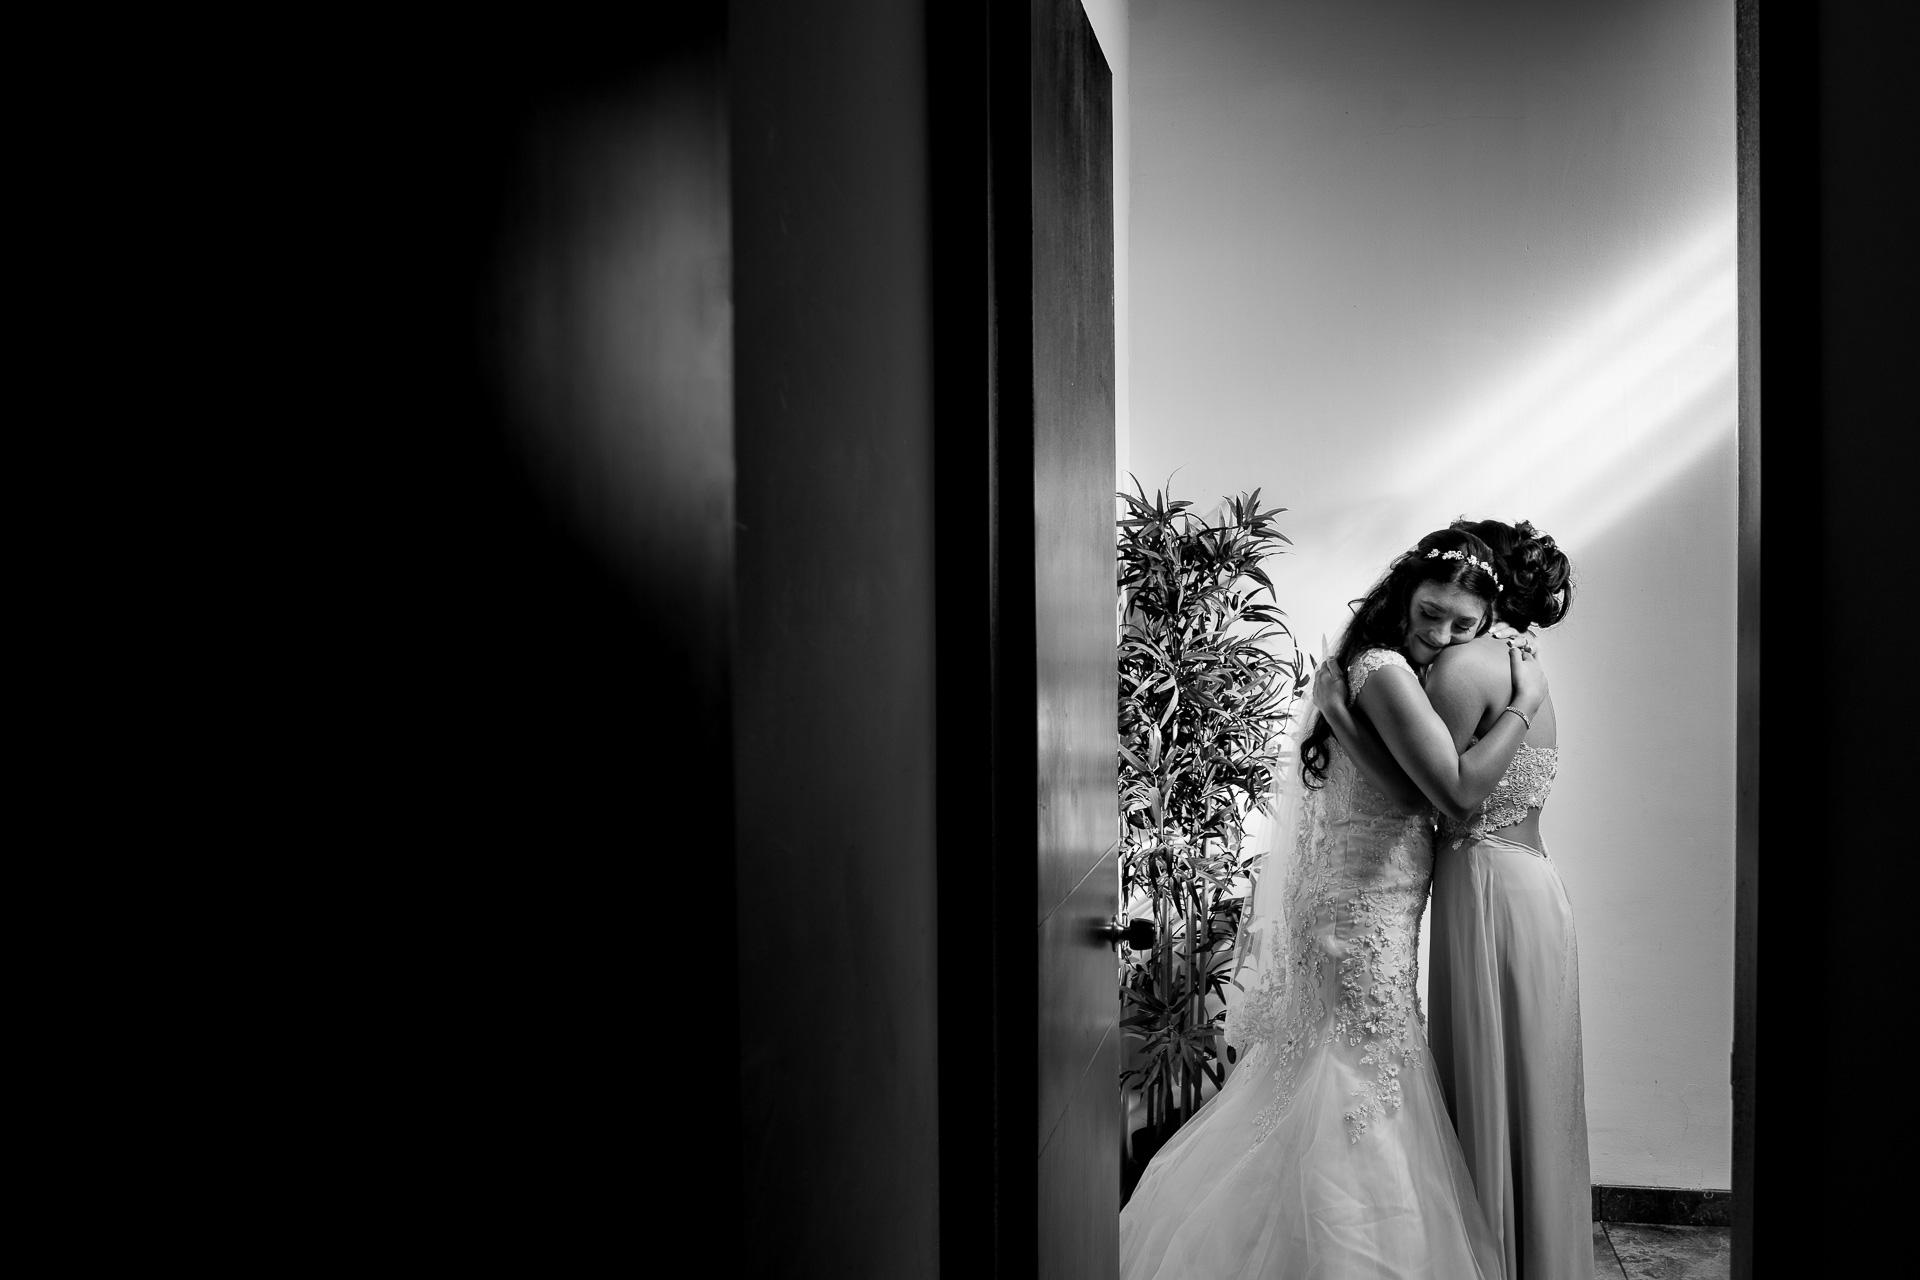 Fotógrafos-de-bodas-en-Colombia-Alejandro-y-Angelica-9-2 ALEJANDRO + ANGELICA